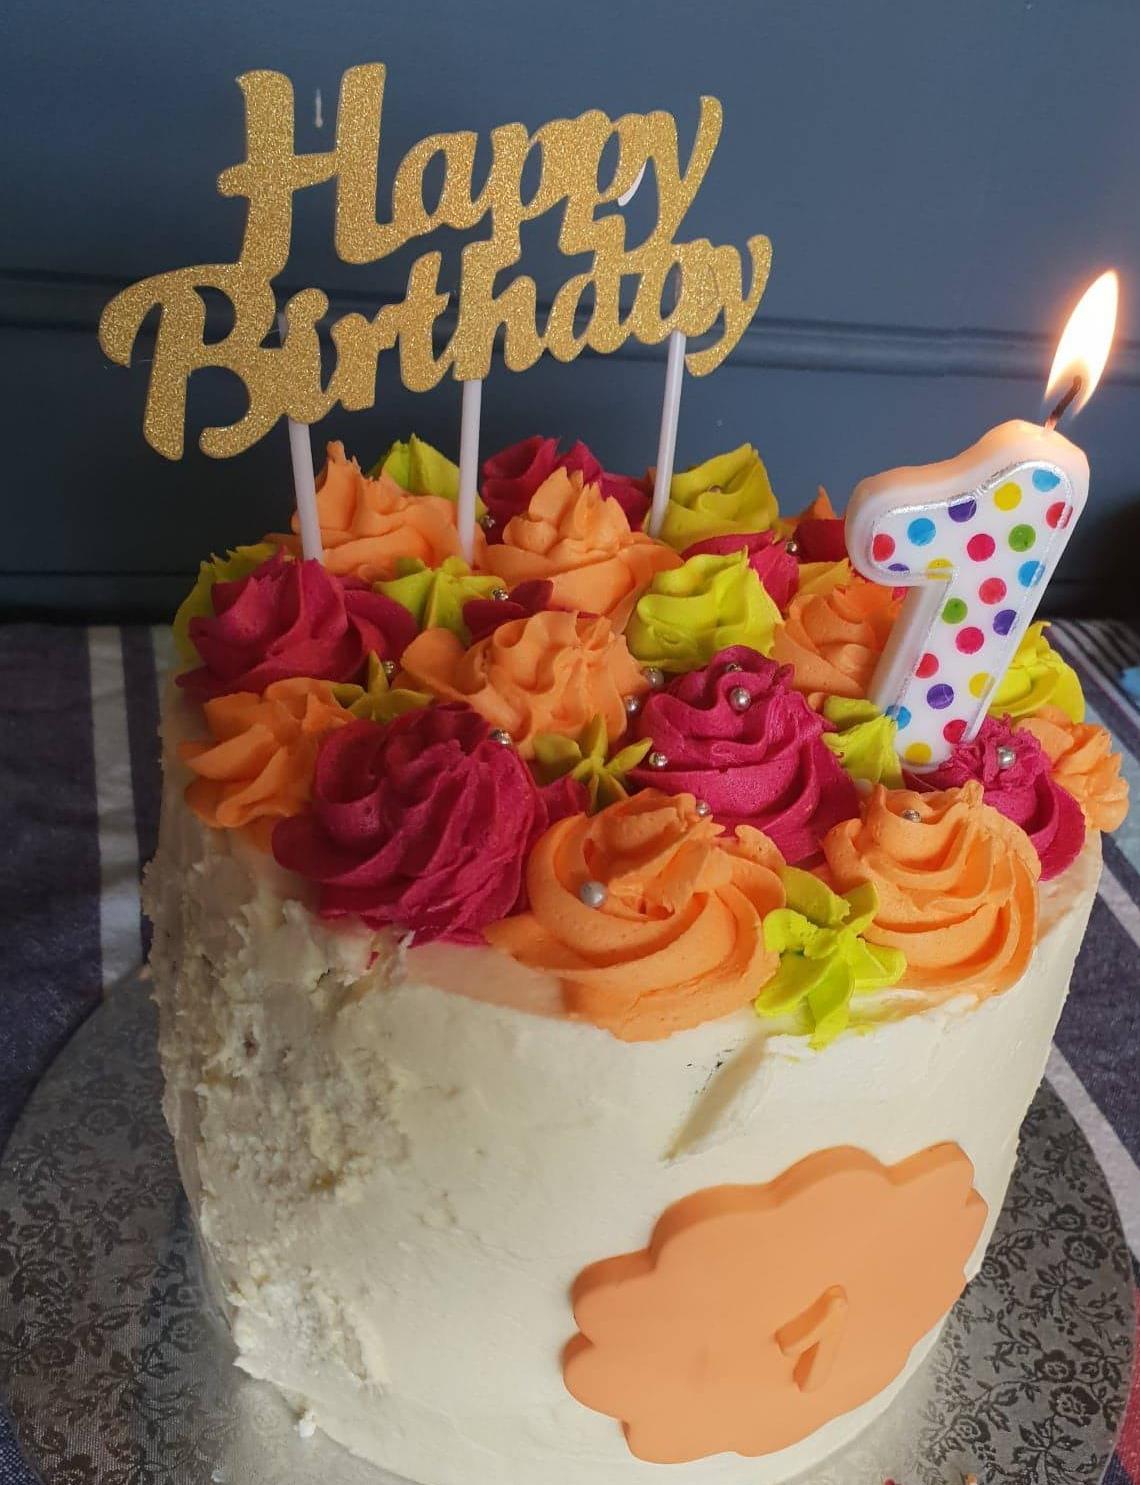 milkys-bday-cake.jpg